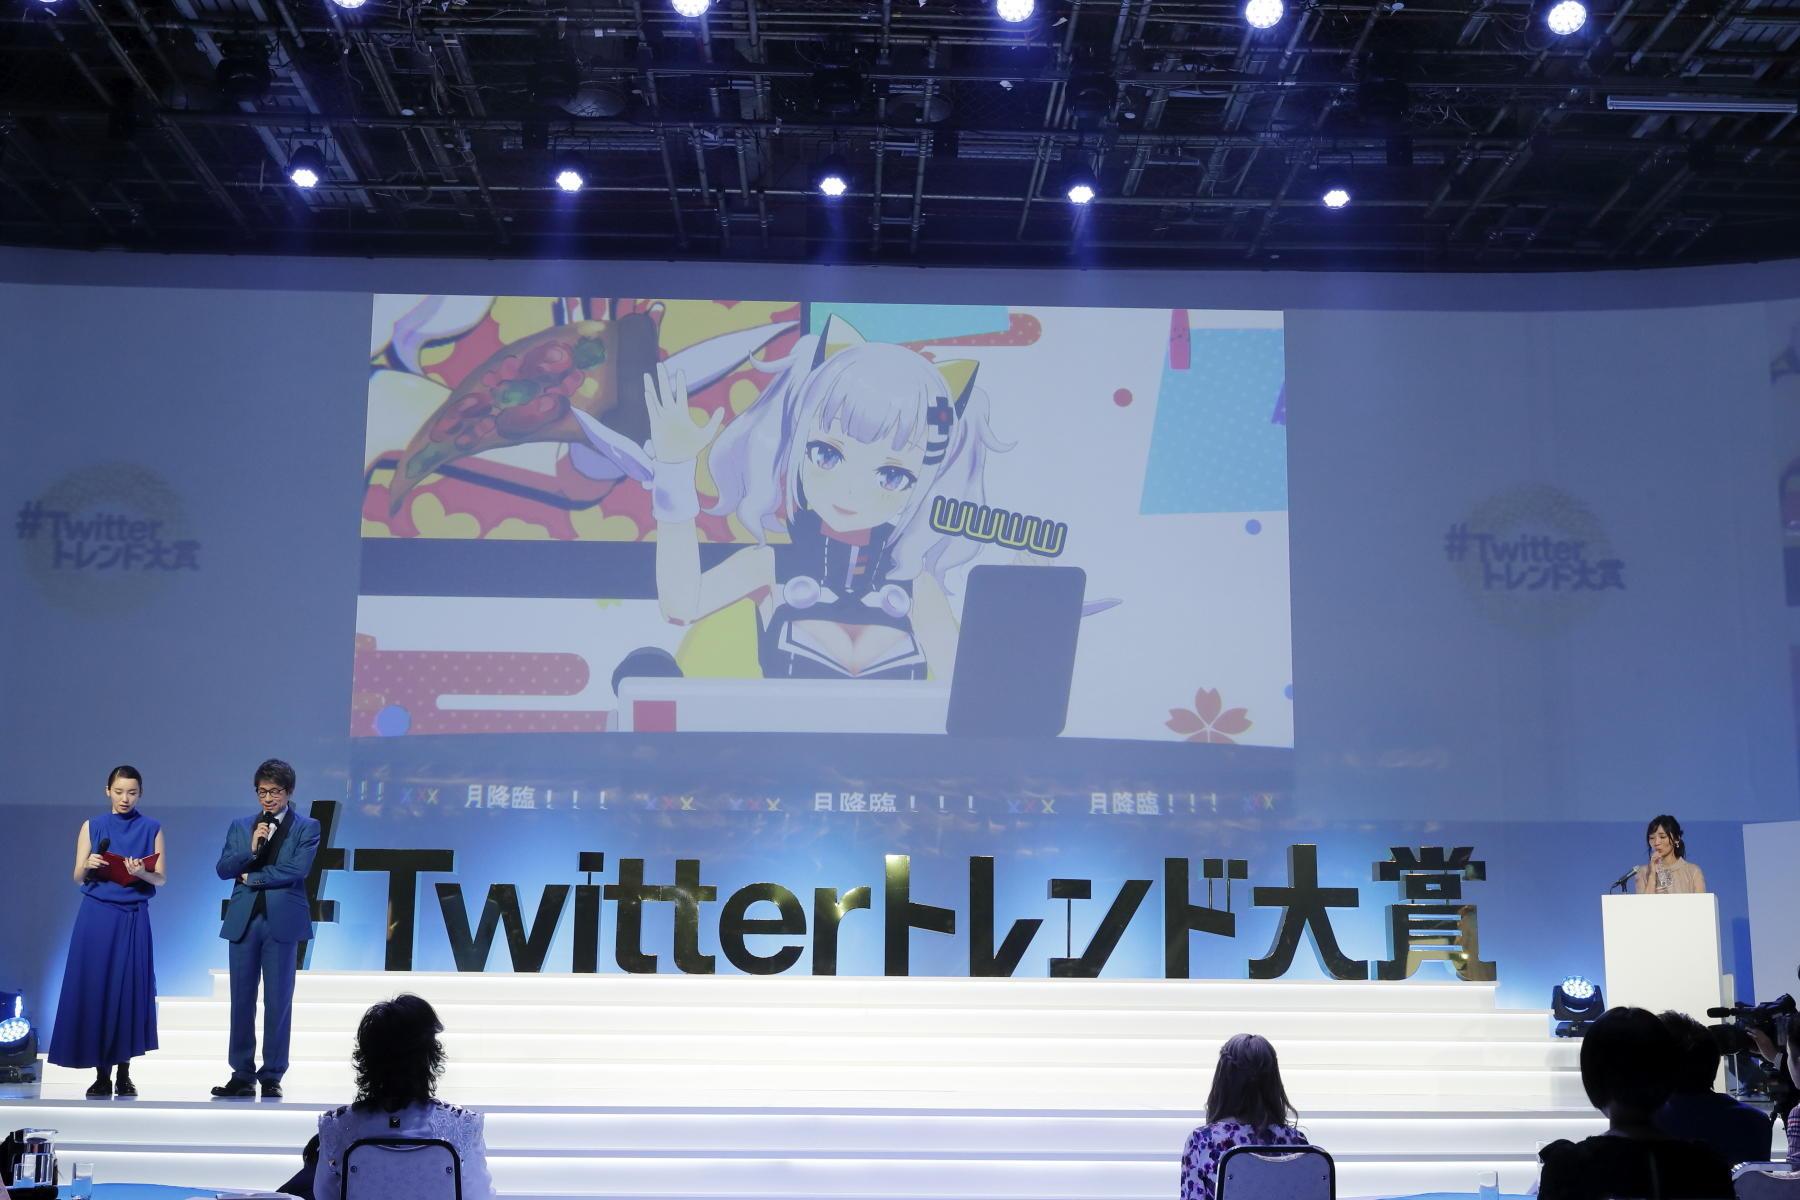 http://news.yoshimoto.co.jp/20190122014749-22d7f889046d8d91b18ff3c04dcef1efdace2840.jpg